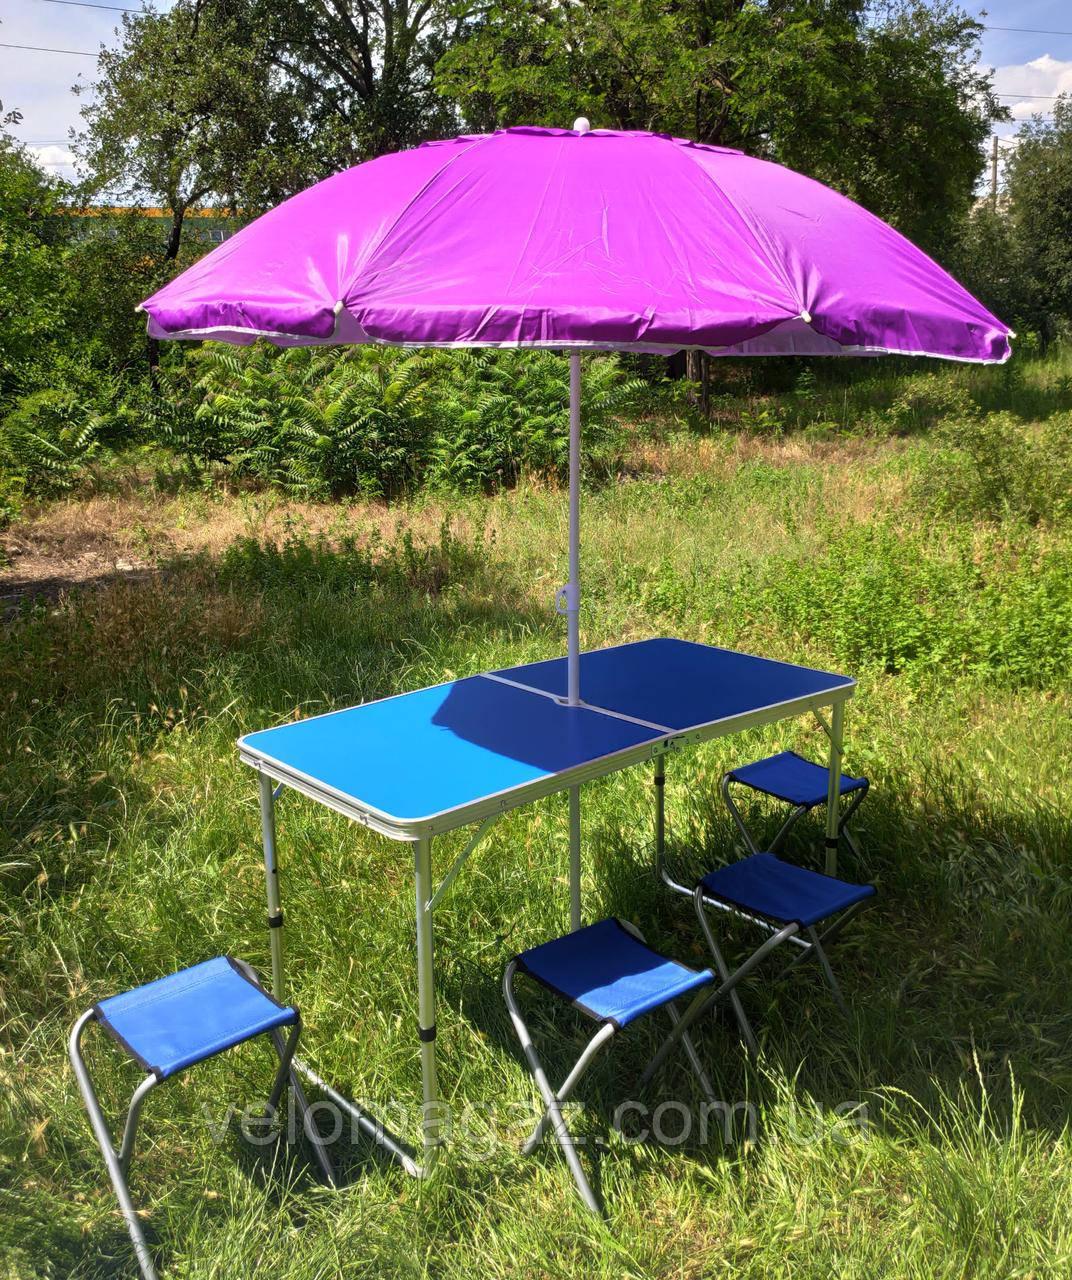 Раскладной удобный СИНИЙ стол для пикника и 4 стула + сиреневый зонт 1,6 м в ПОДАРОК!